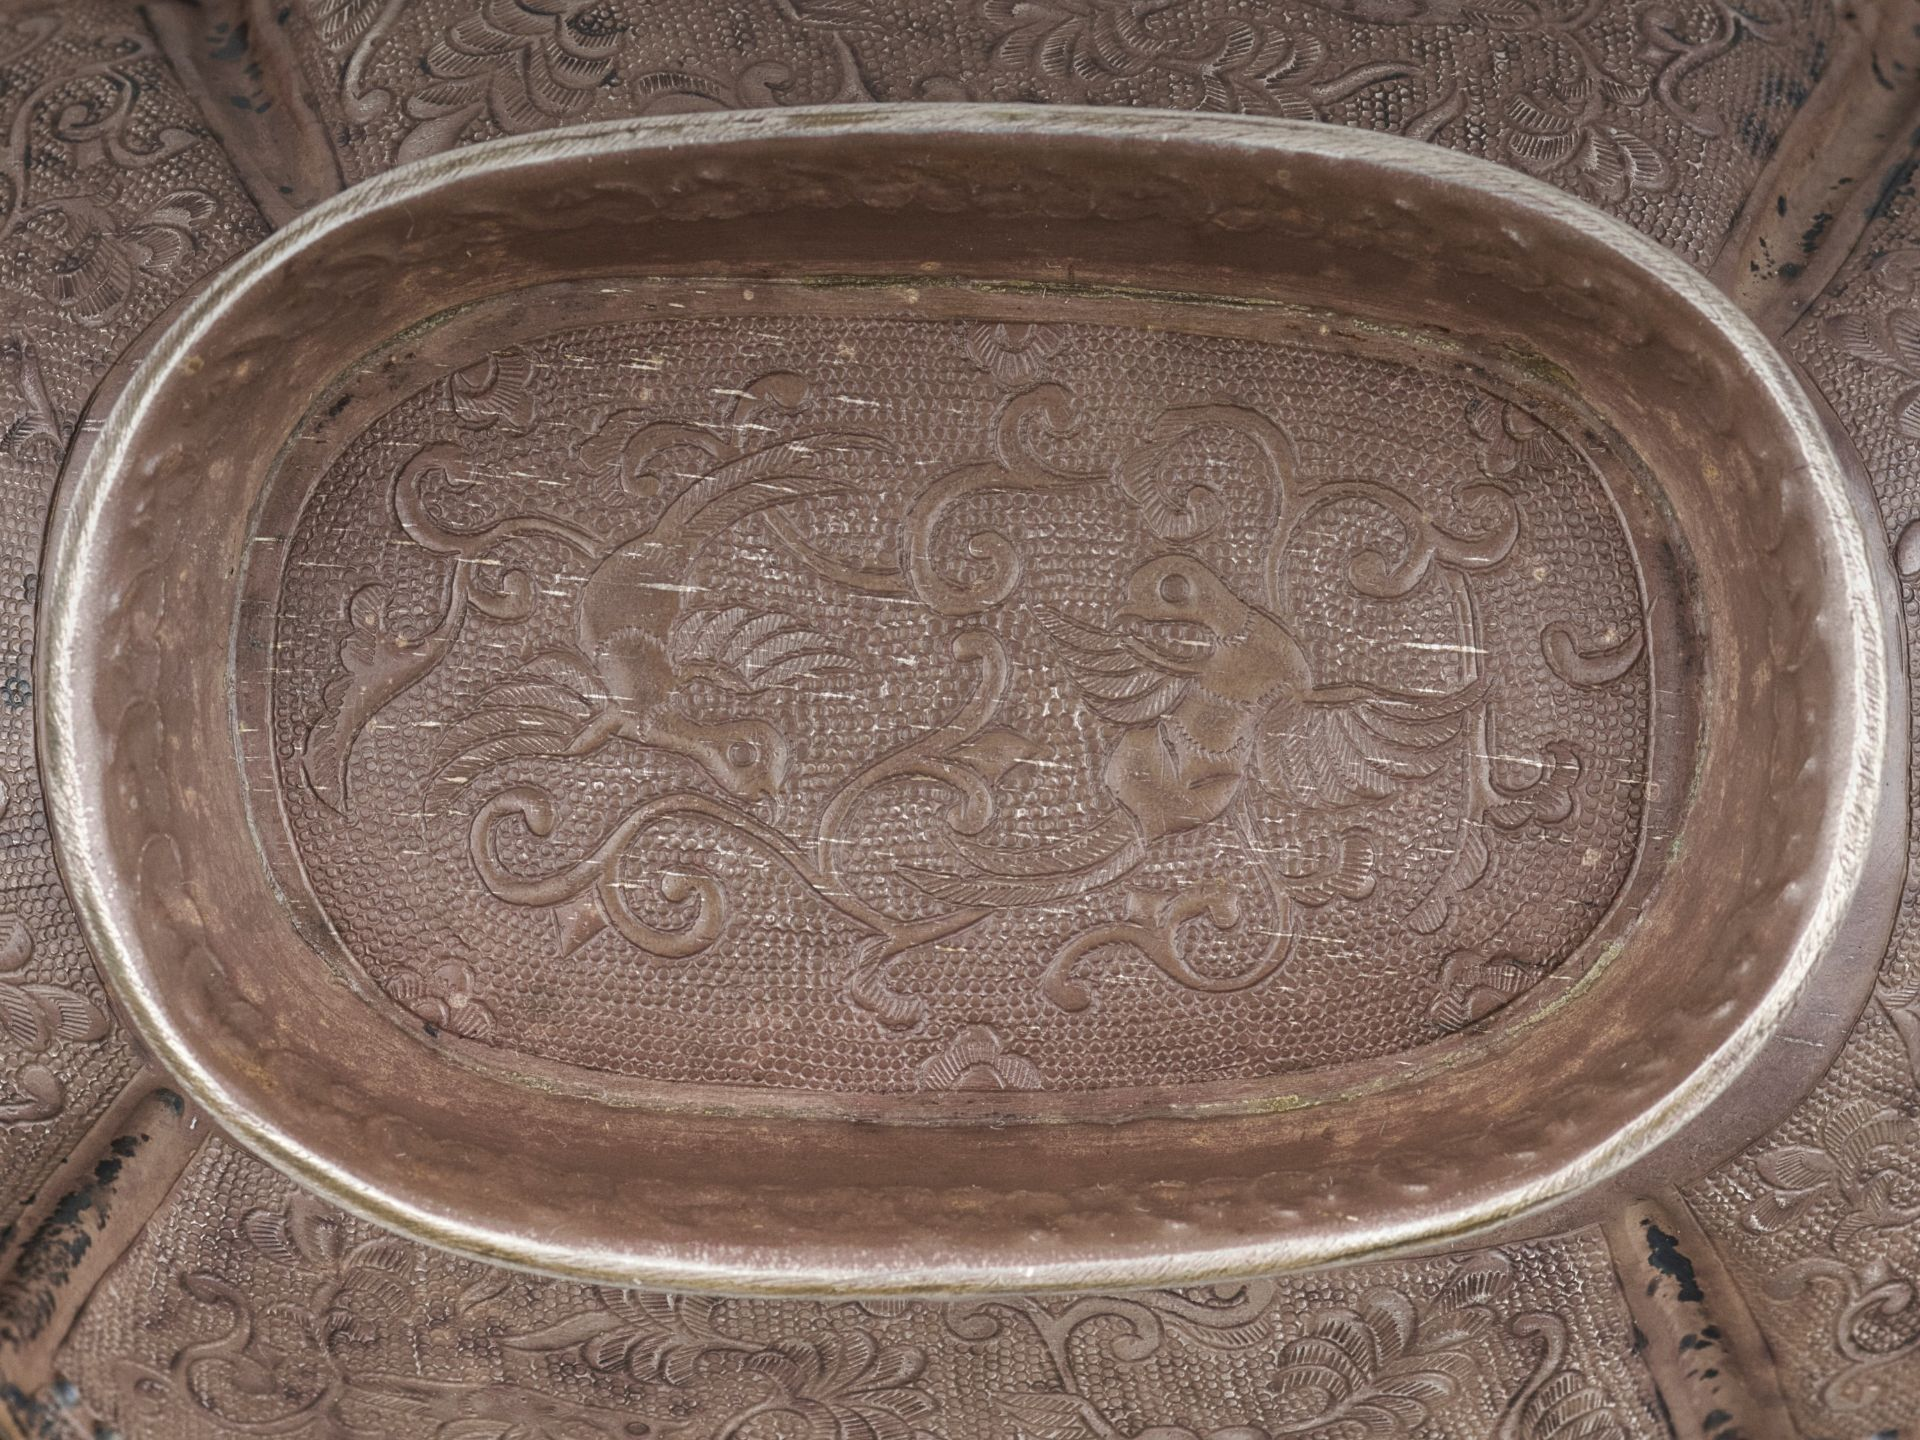 A SILVER REPOUSSE QUATREFOIL BOWL, MING DYNASTY - Bild 7 aus 8